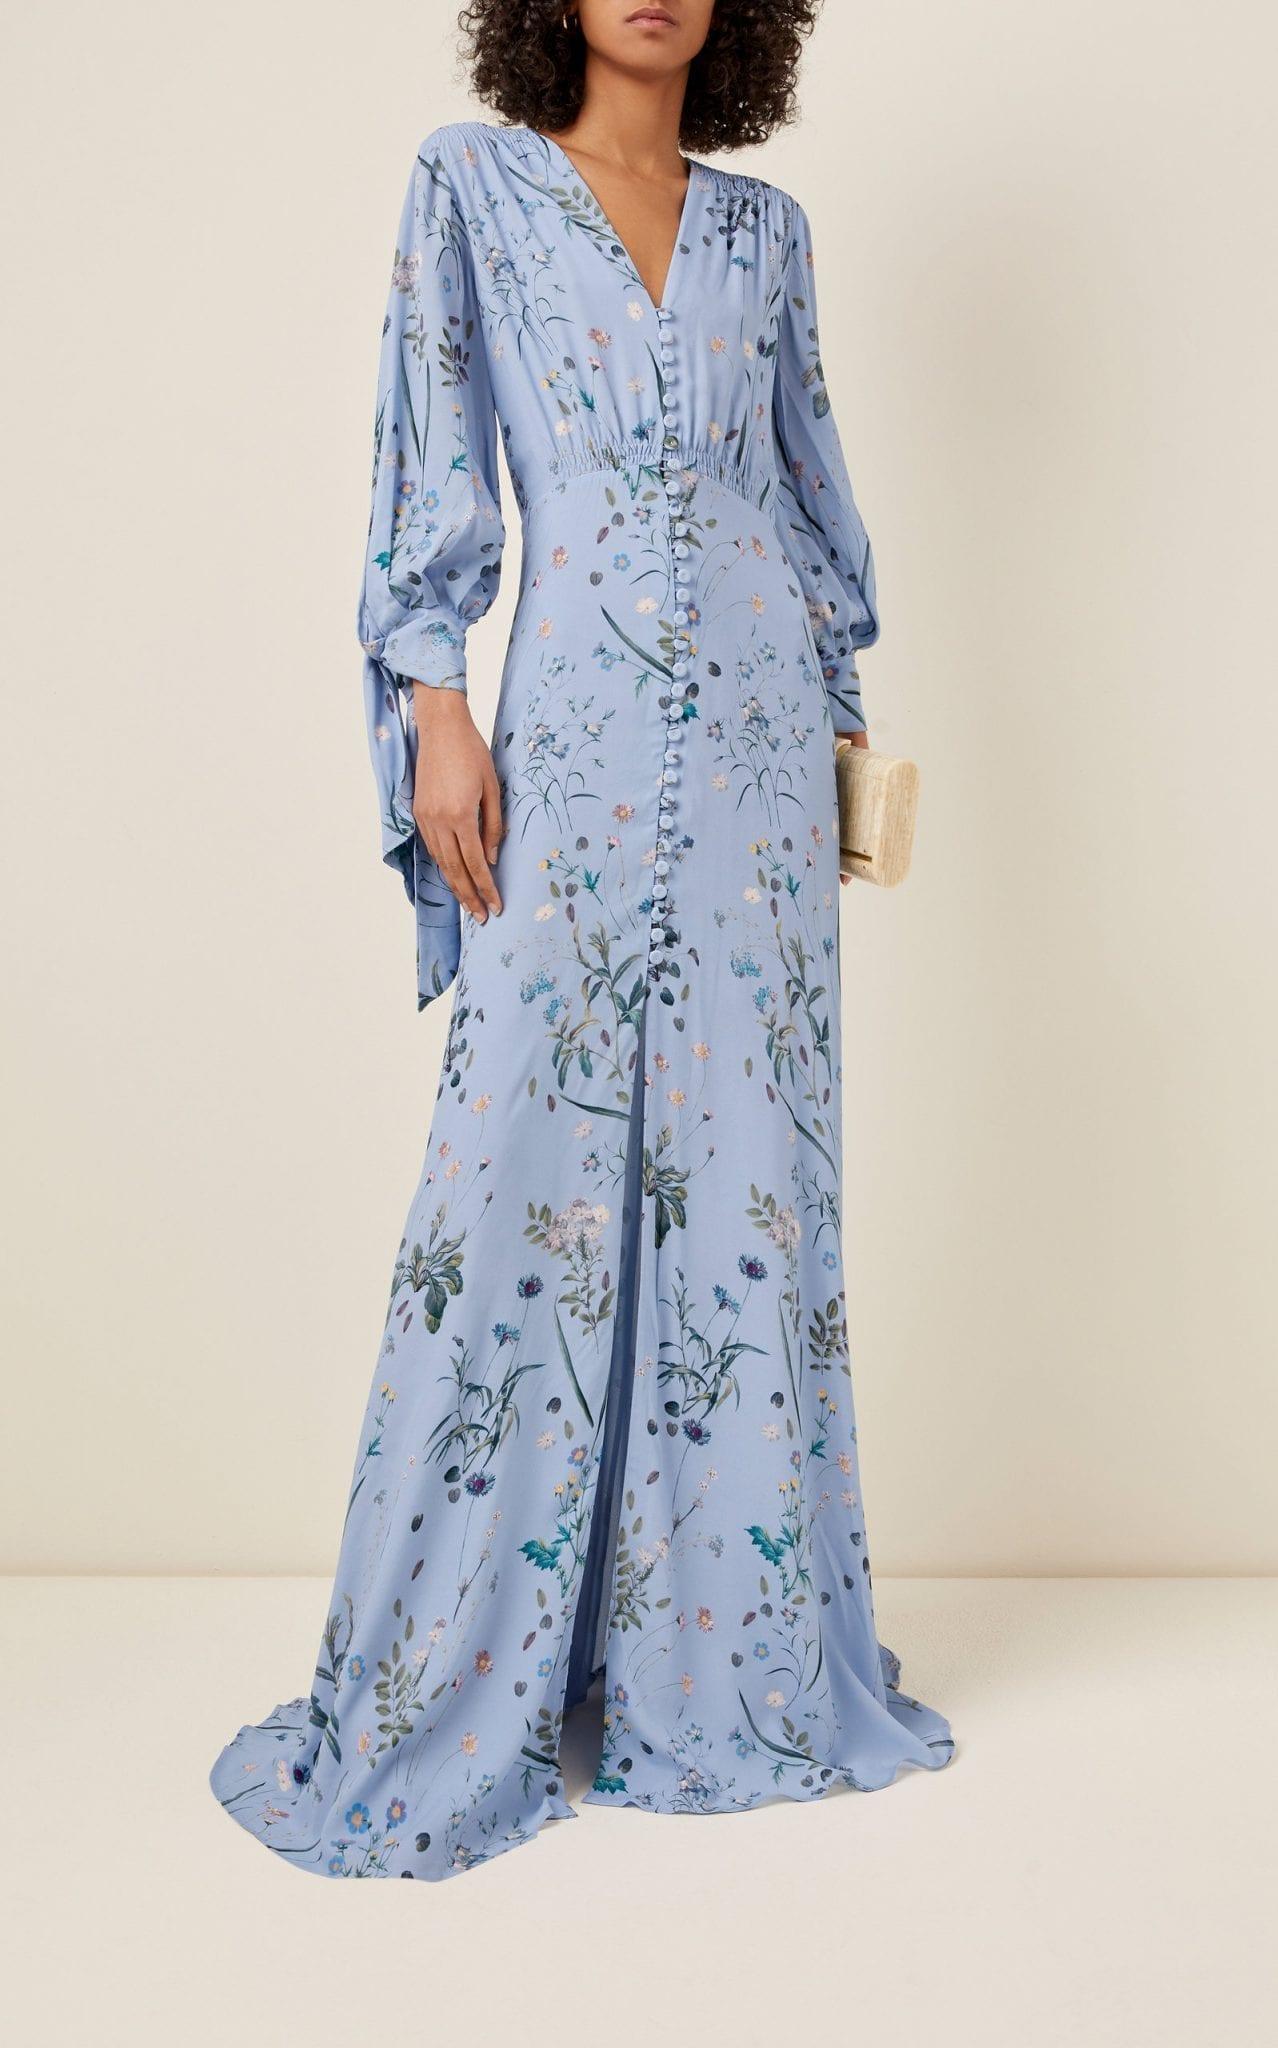 LUISA BECCARIA Floral-Print Crepe Maxi Dress